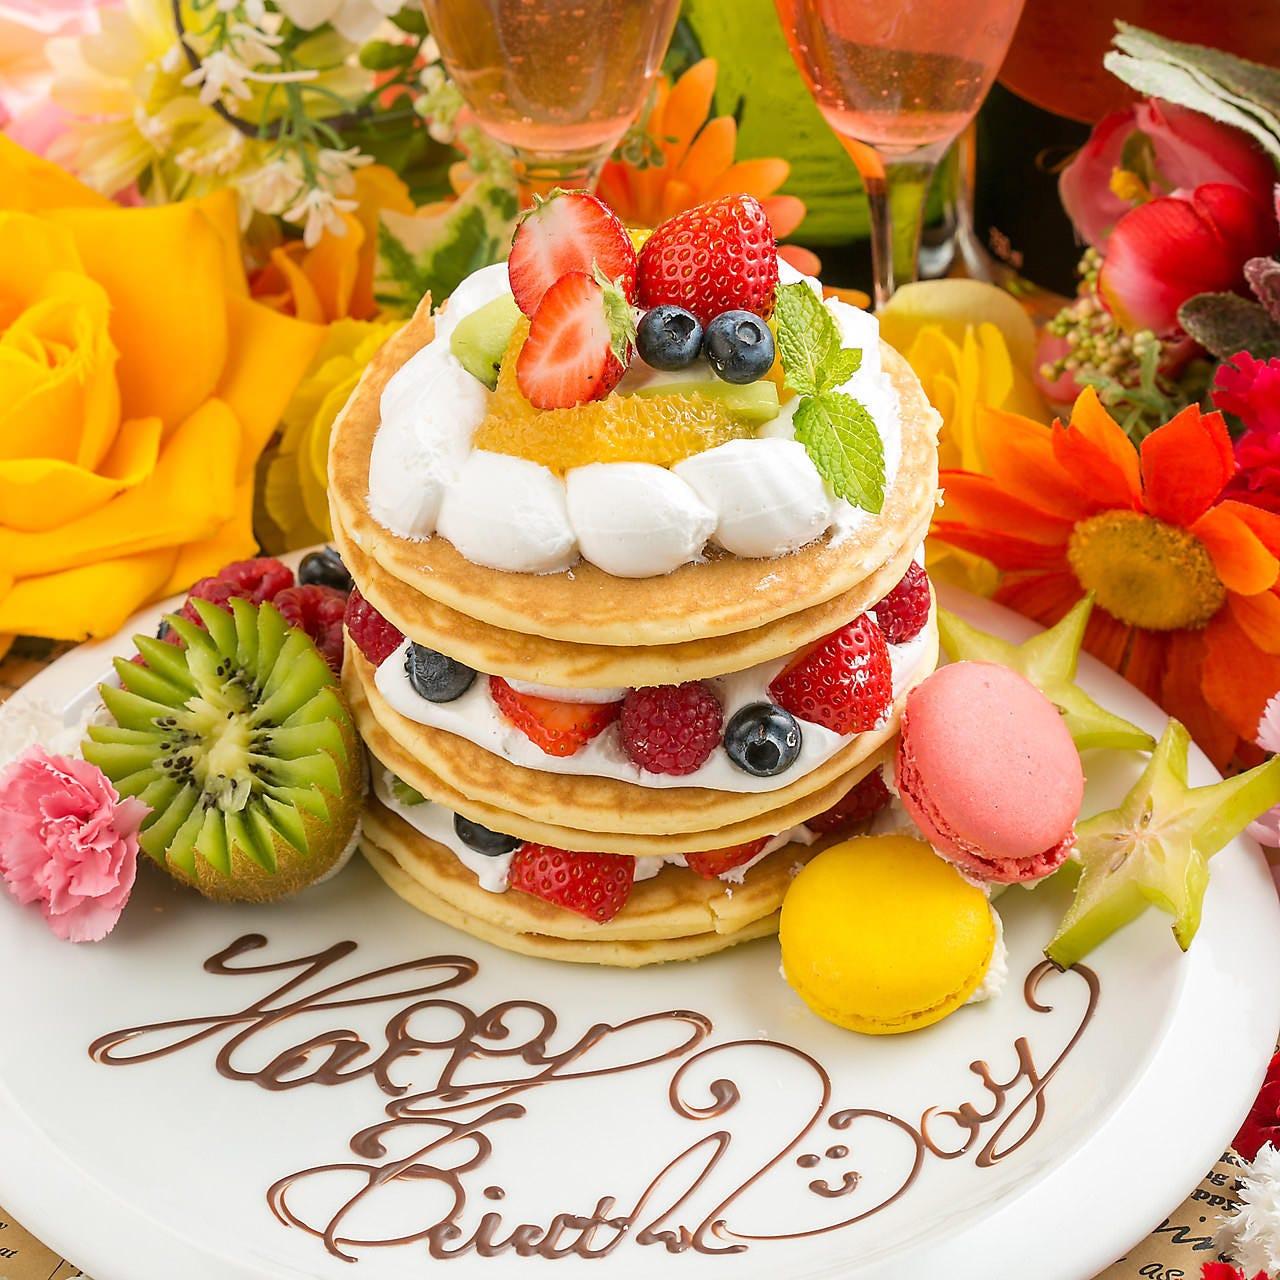 誕生日はお祝いプレートプレゼント♪